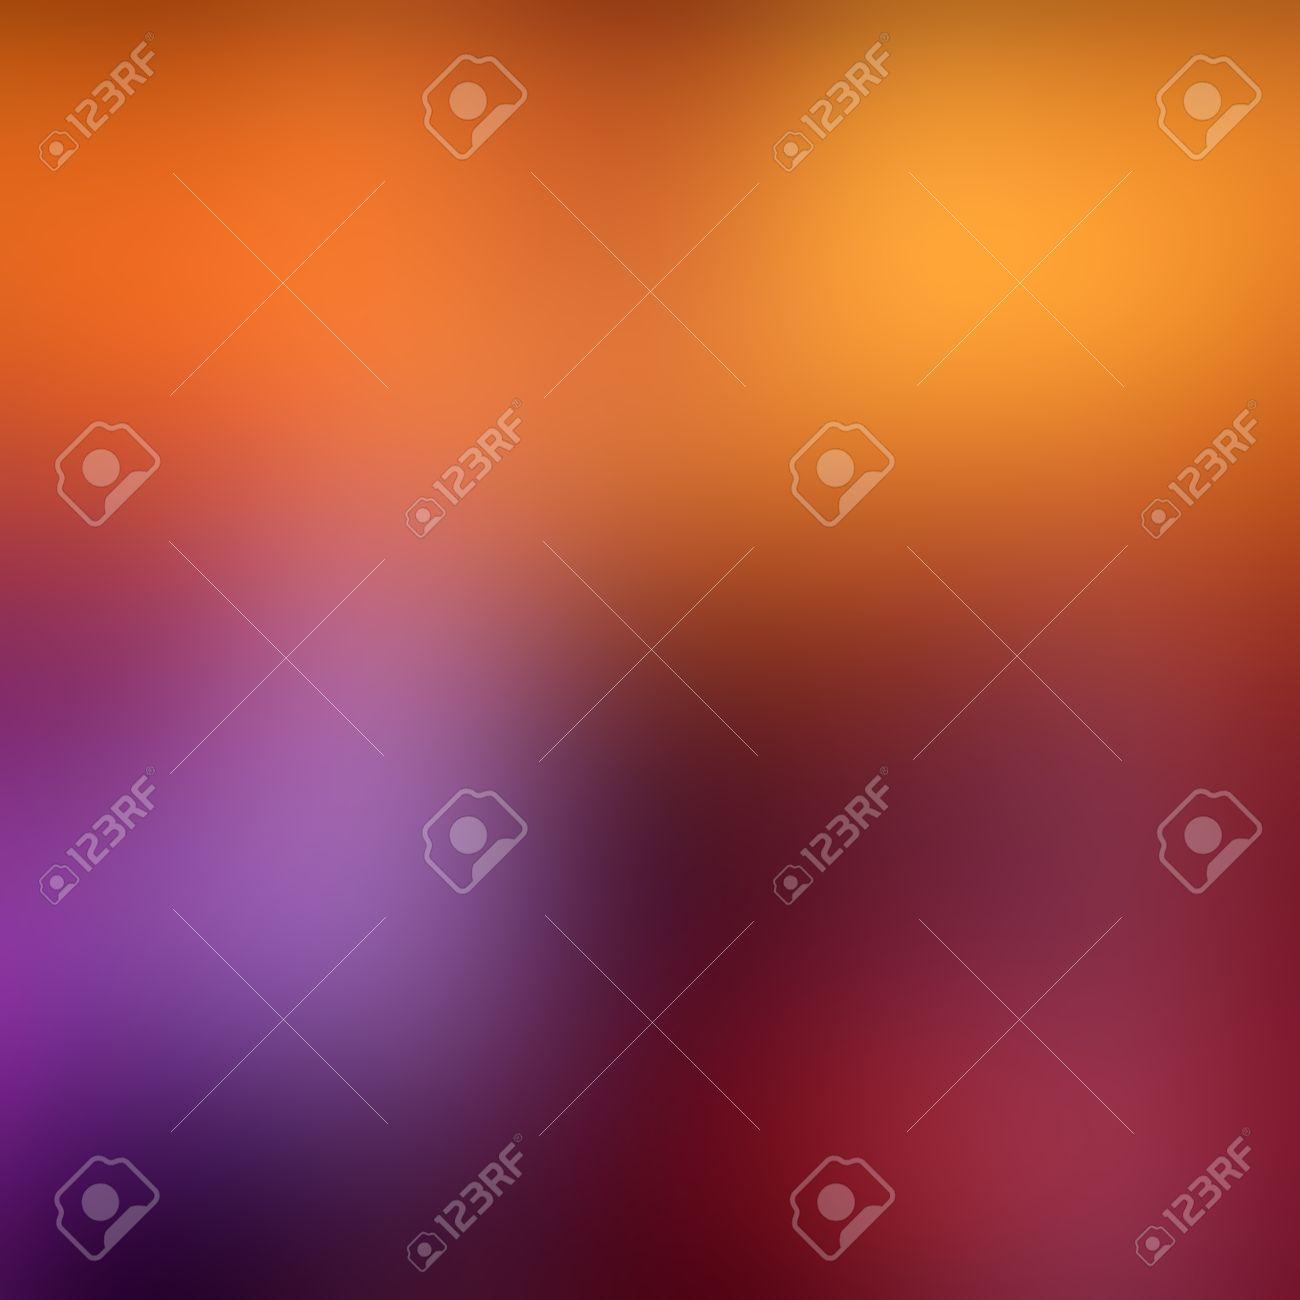 Mezcla De Colores De Fondo Abstracto Degradado Con Colores Morado Rojo Y Naranja Calido Concepto De Fondo De Color